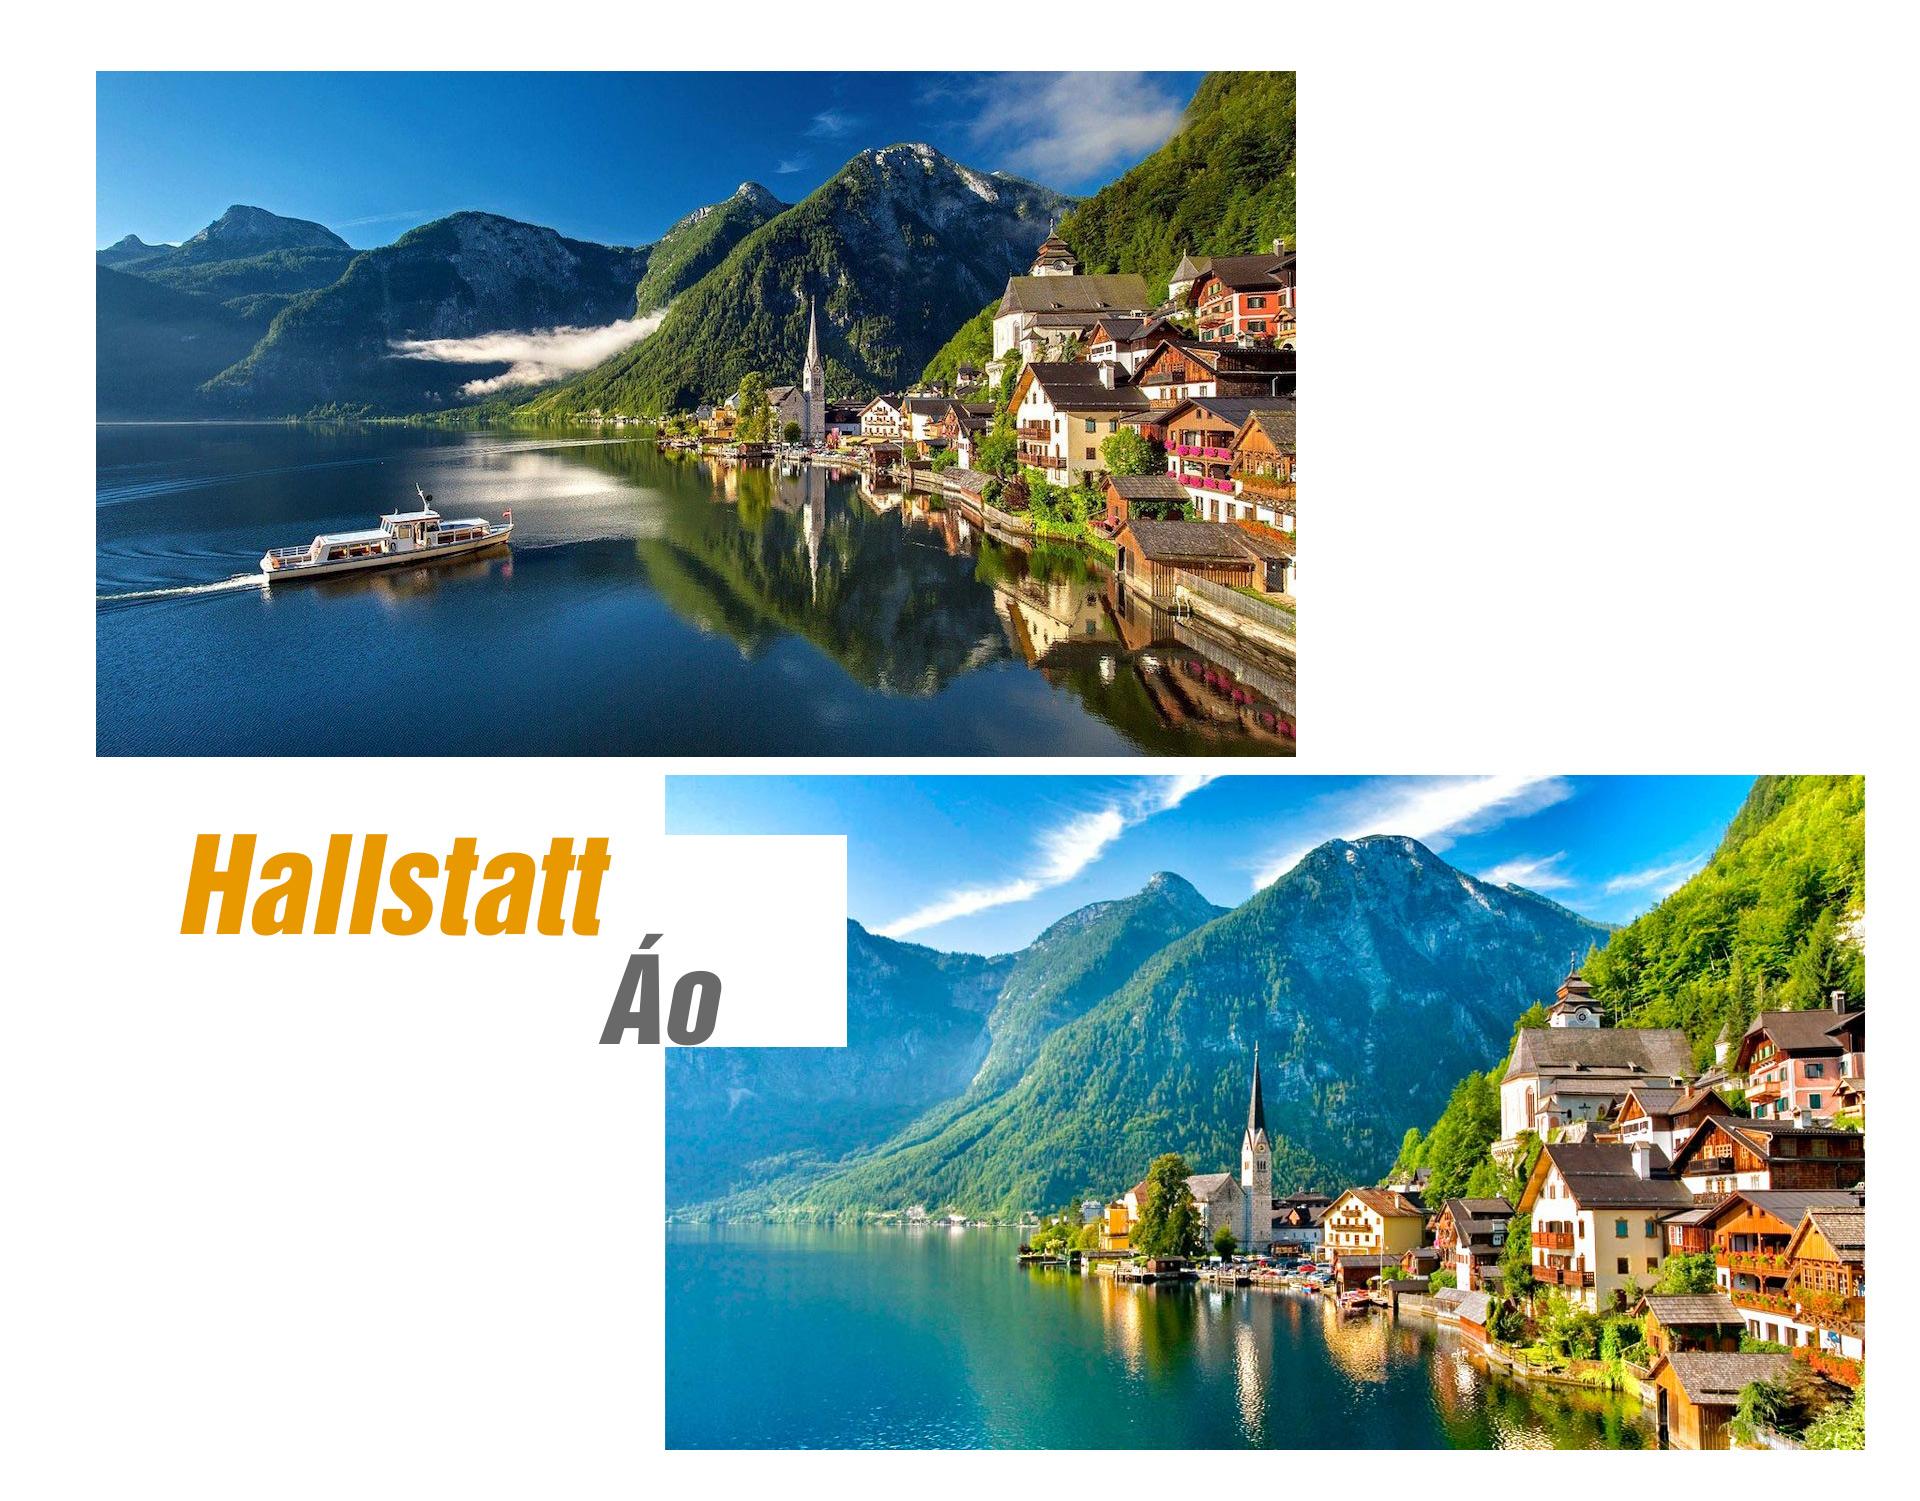 Những thiên đường đẹp nhất châu Âu thu hút hàng triệu du khách mỗi năm - 4